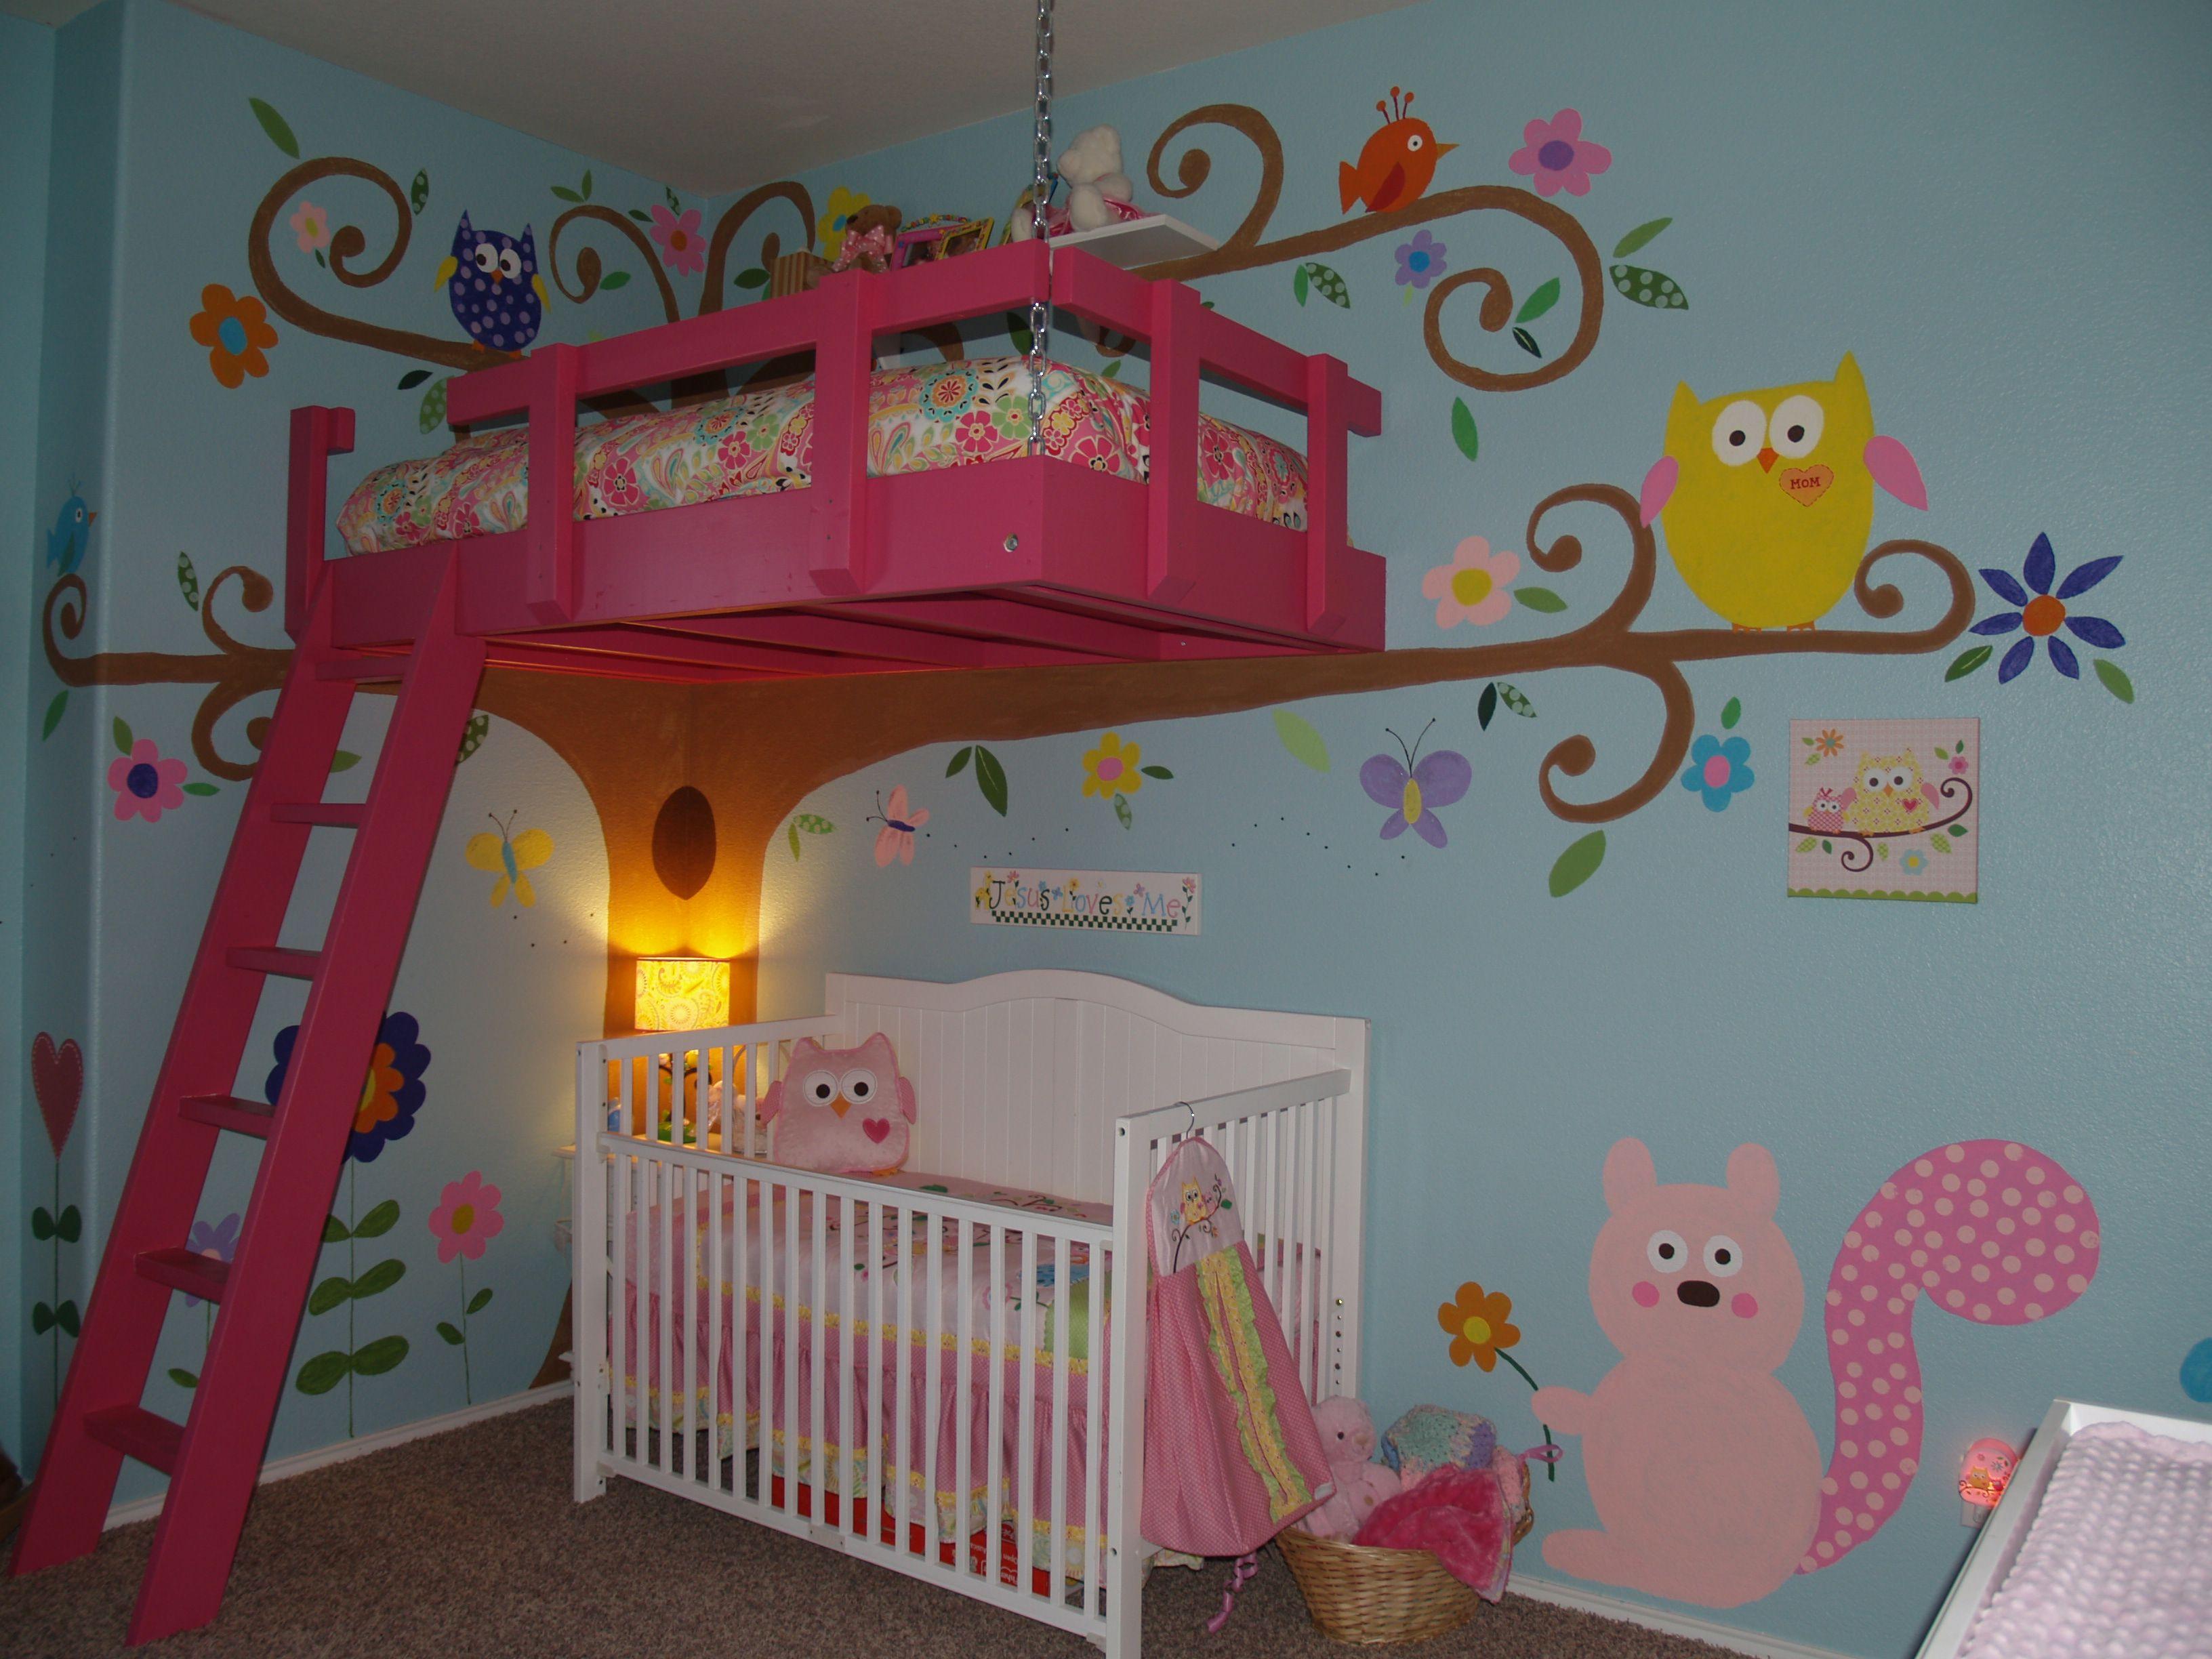 Lovely Tree House Themed Room For Girls!